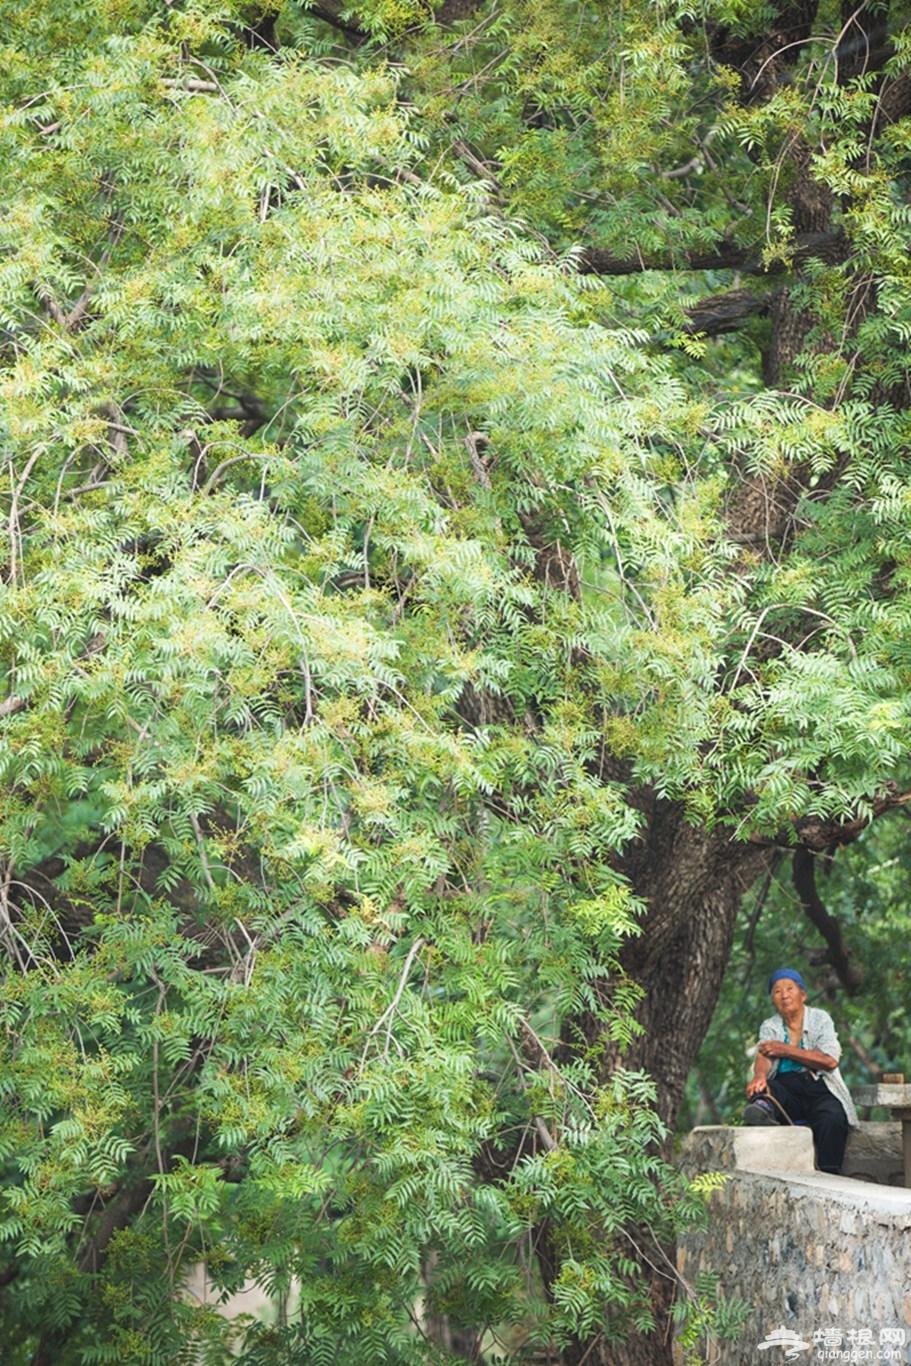 住华北最美稻田民宿青籽树,坐拉风小火车,拍奇幻星空大片[墙根网]